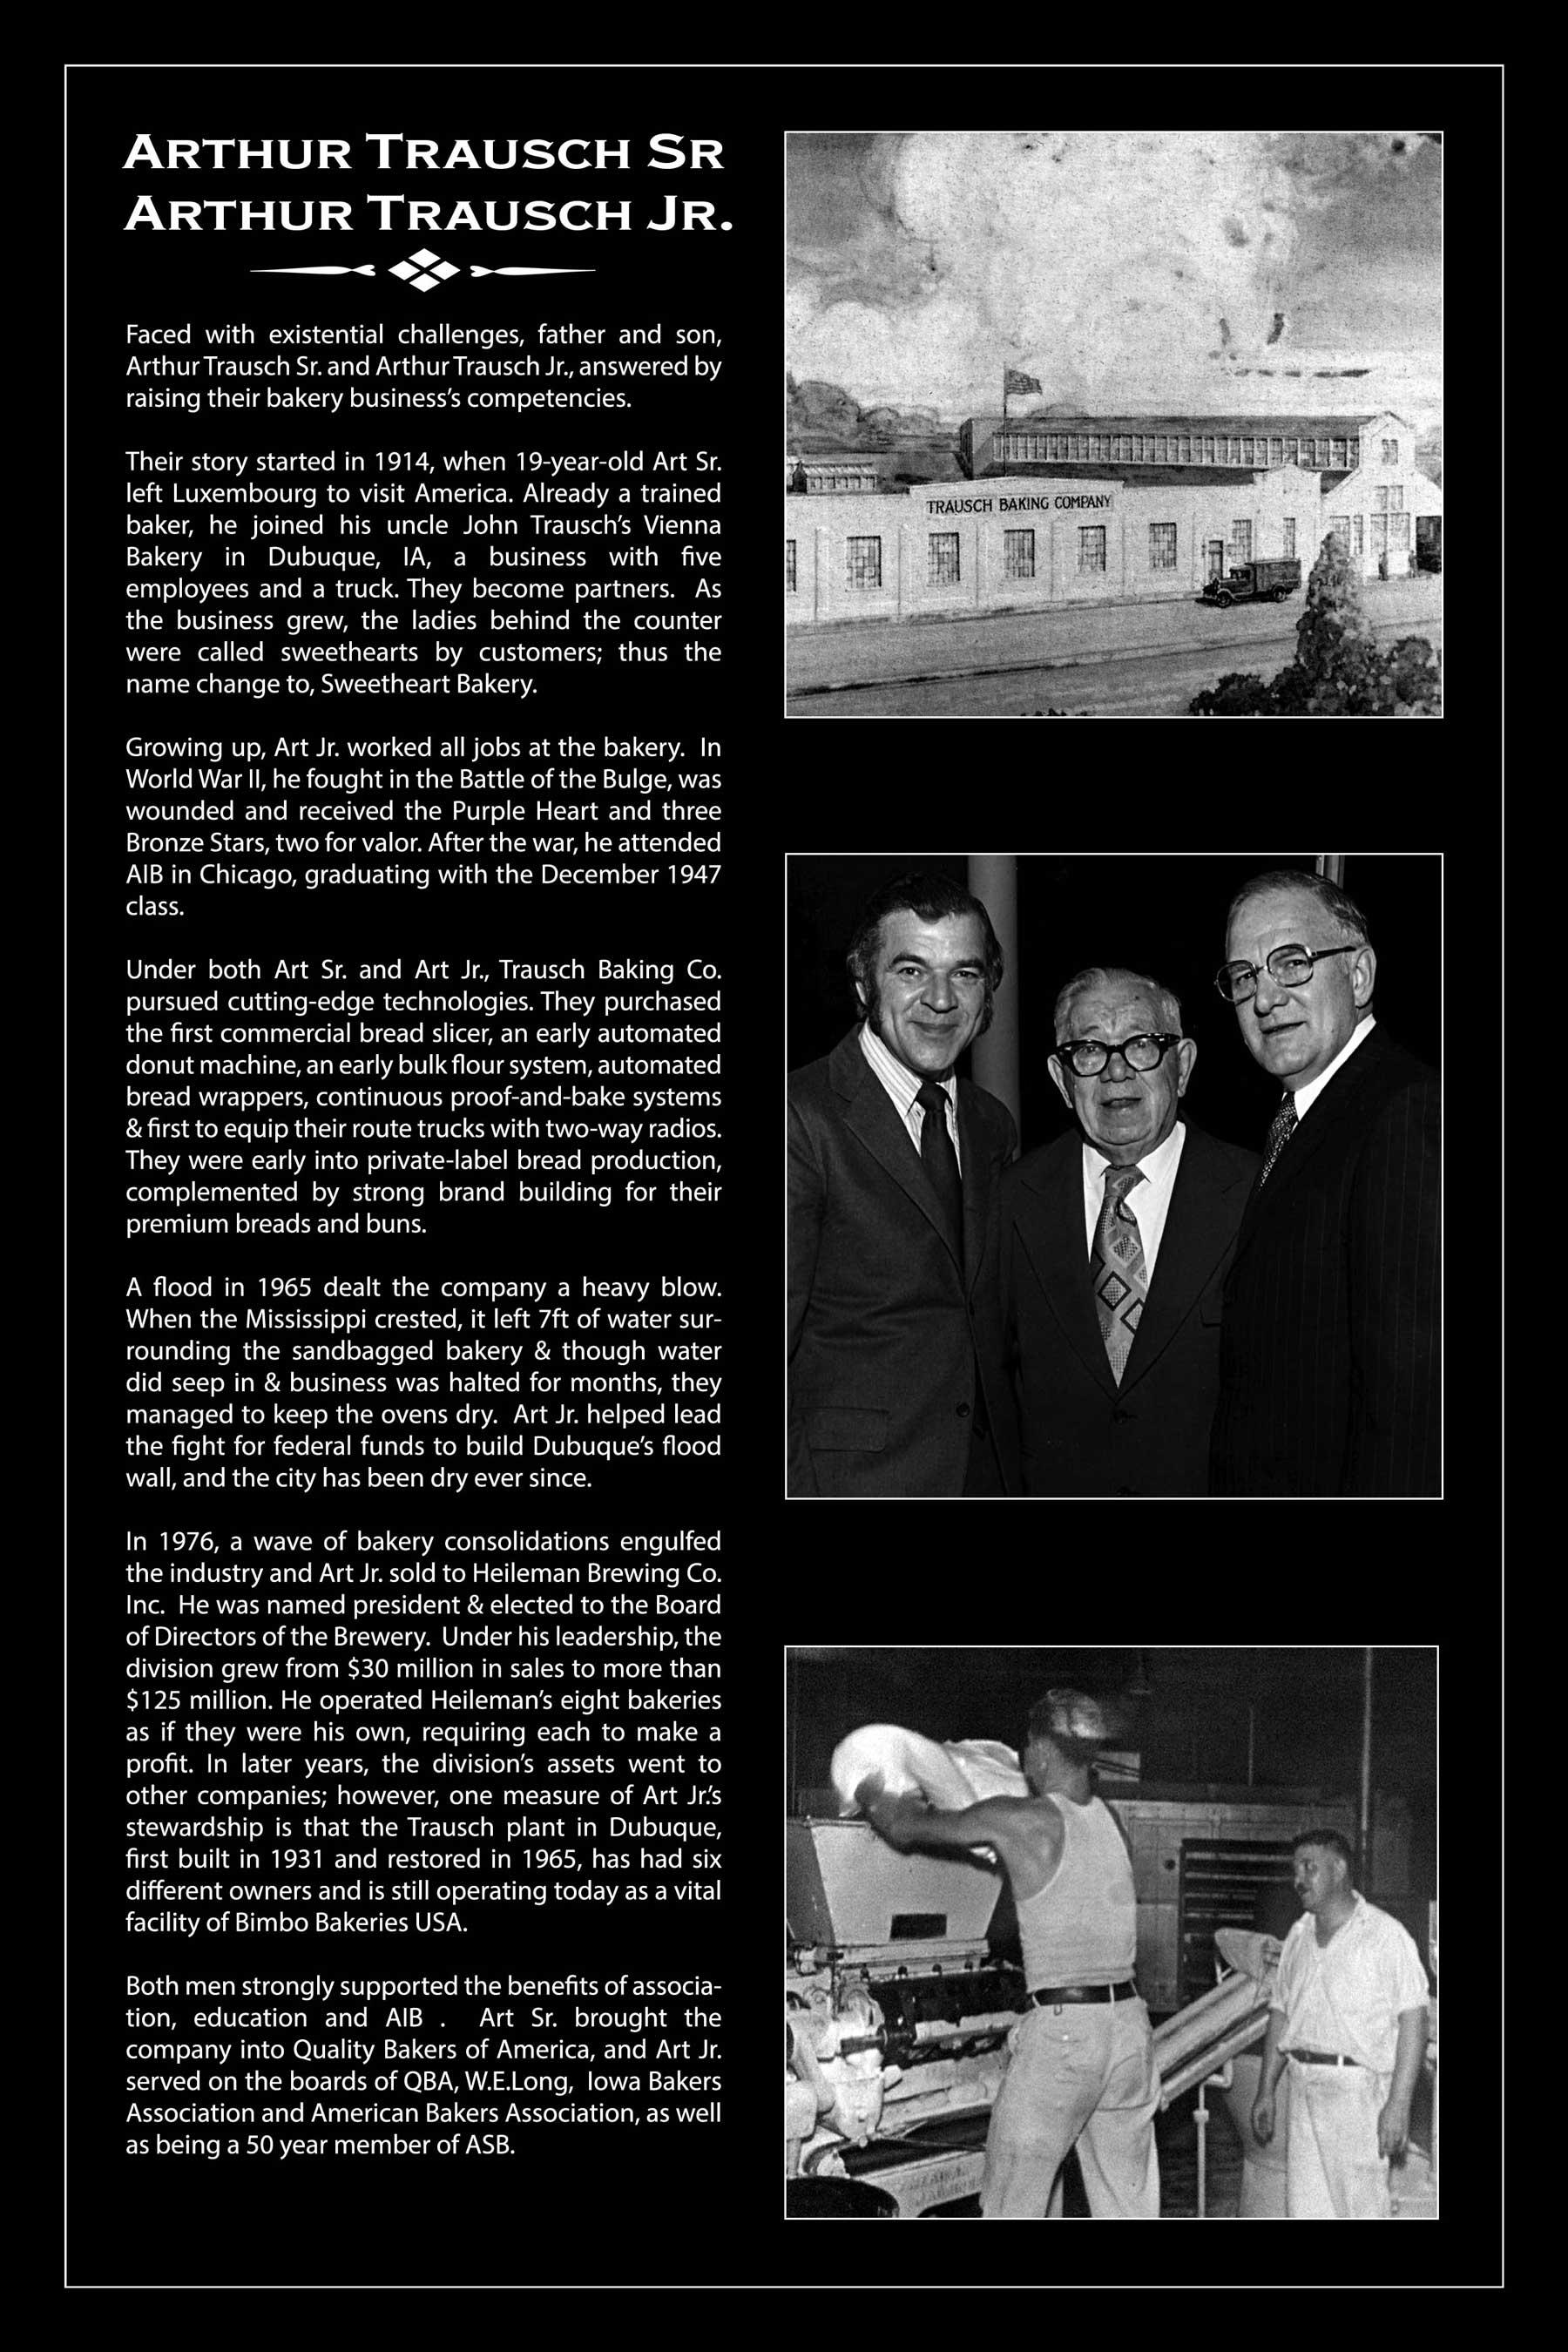 Baking Hall of Fame 2019 - Arthur Trausch Sr  and Arthur Trausch Jr